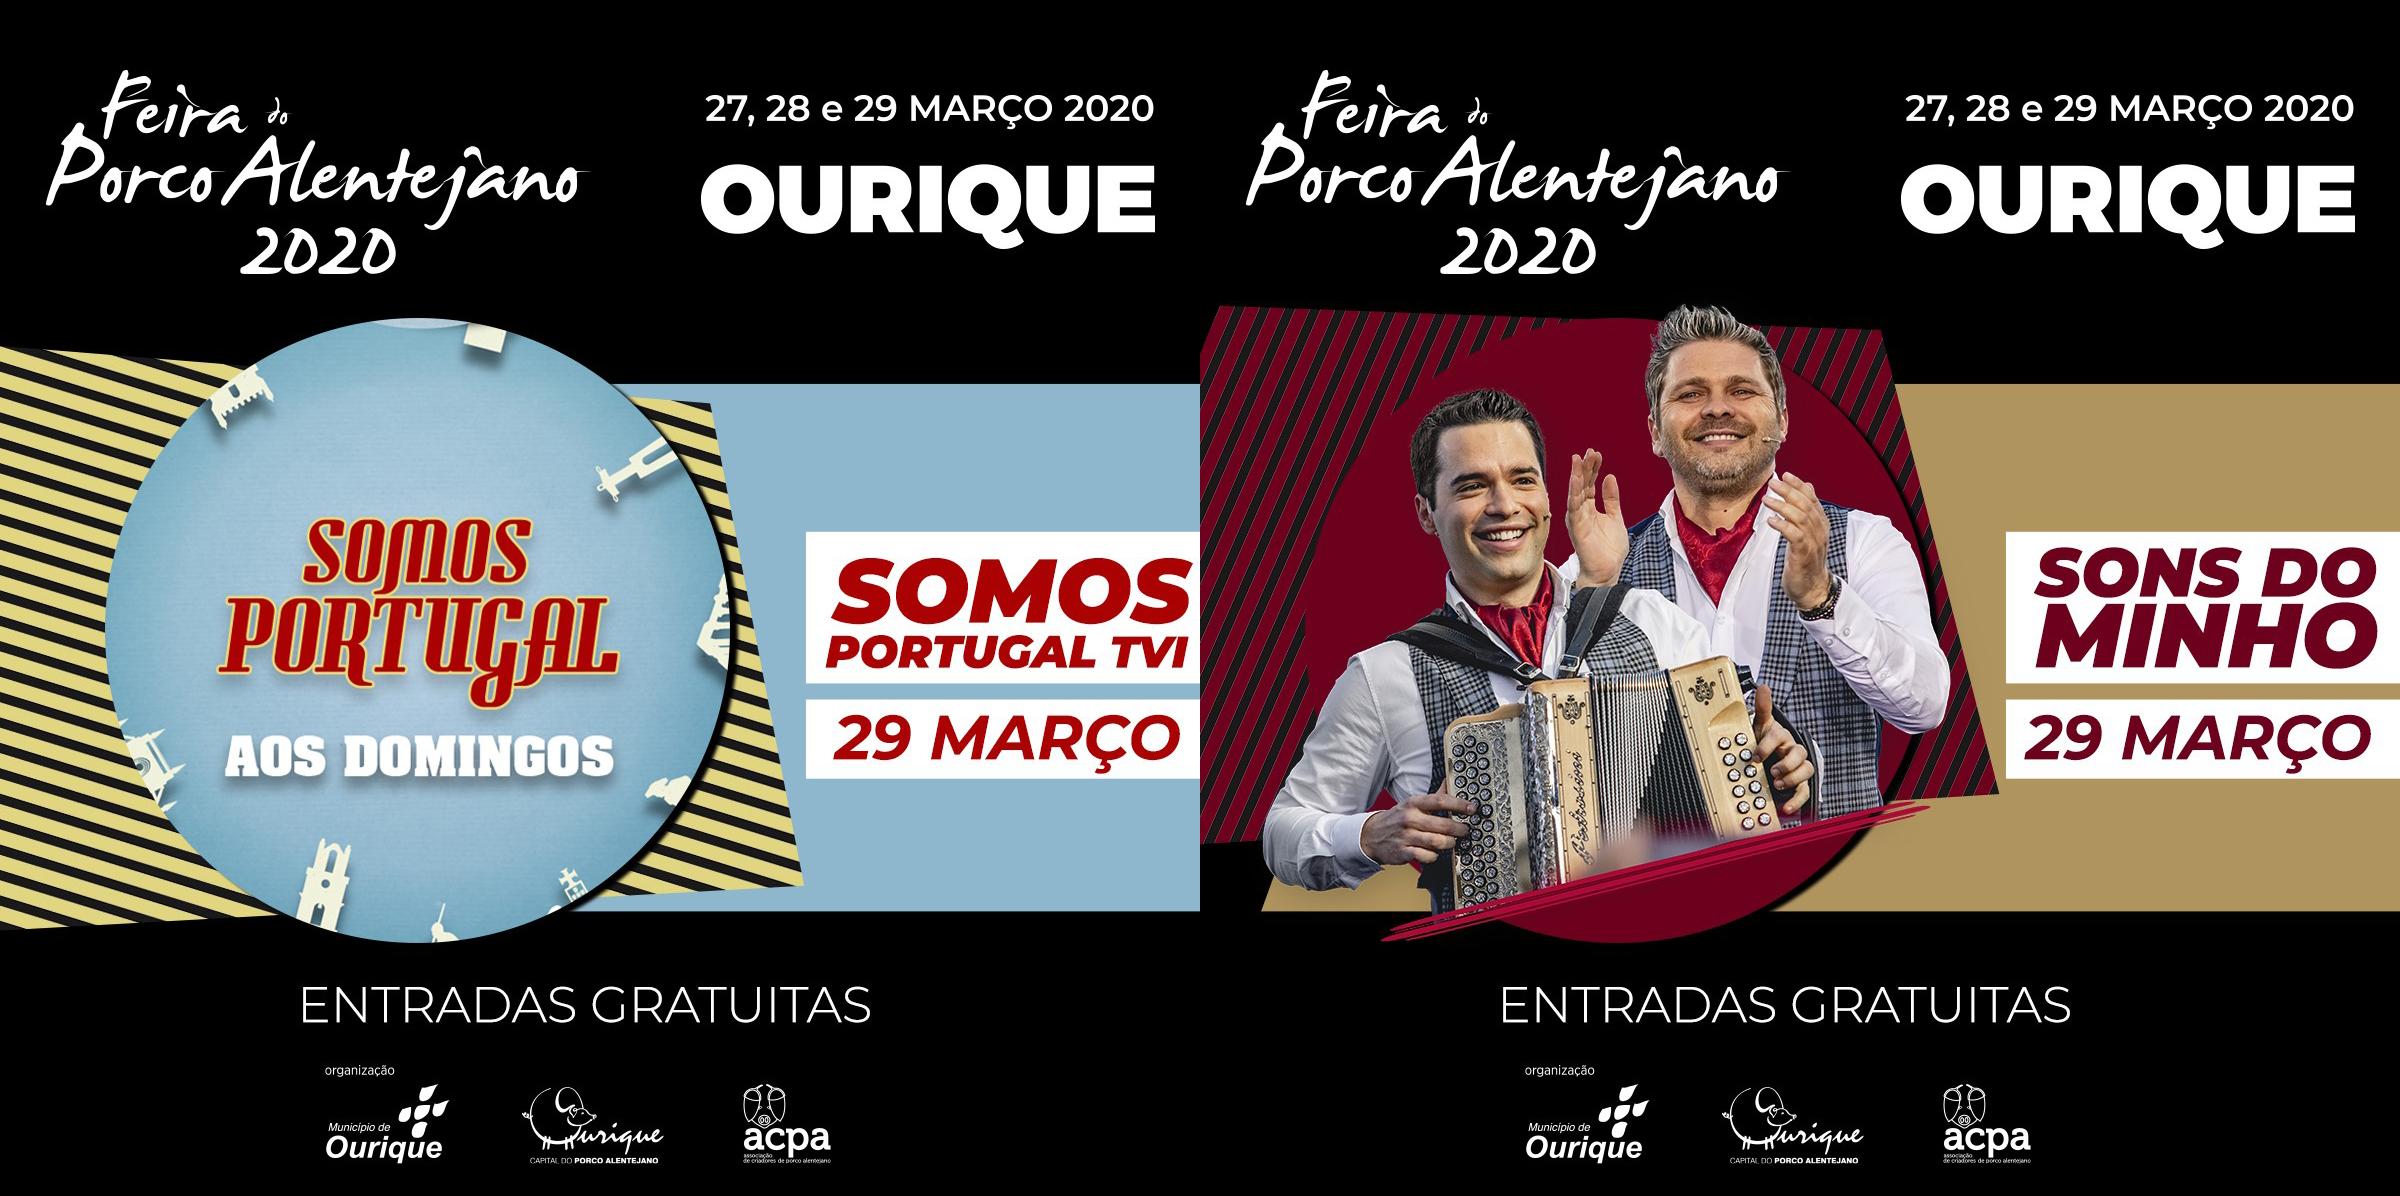 Feira do Porco Alentejano 2020  - Ourique